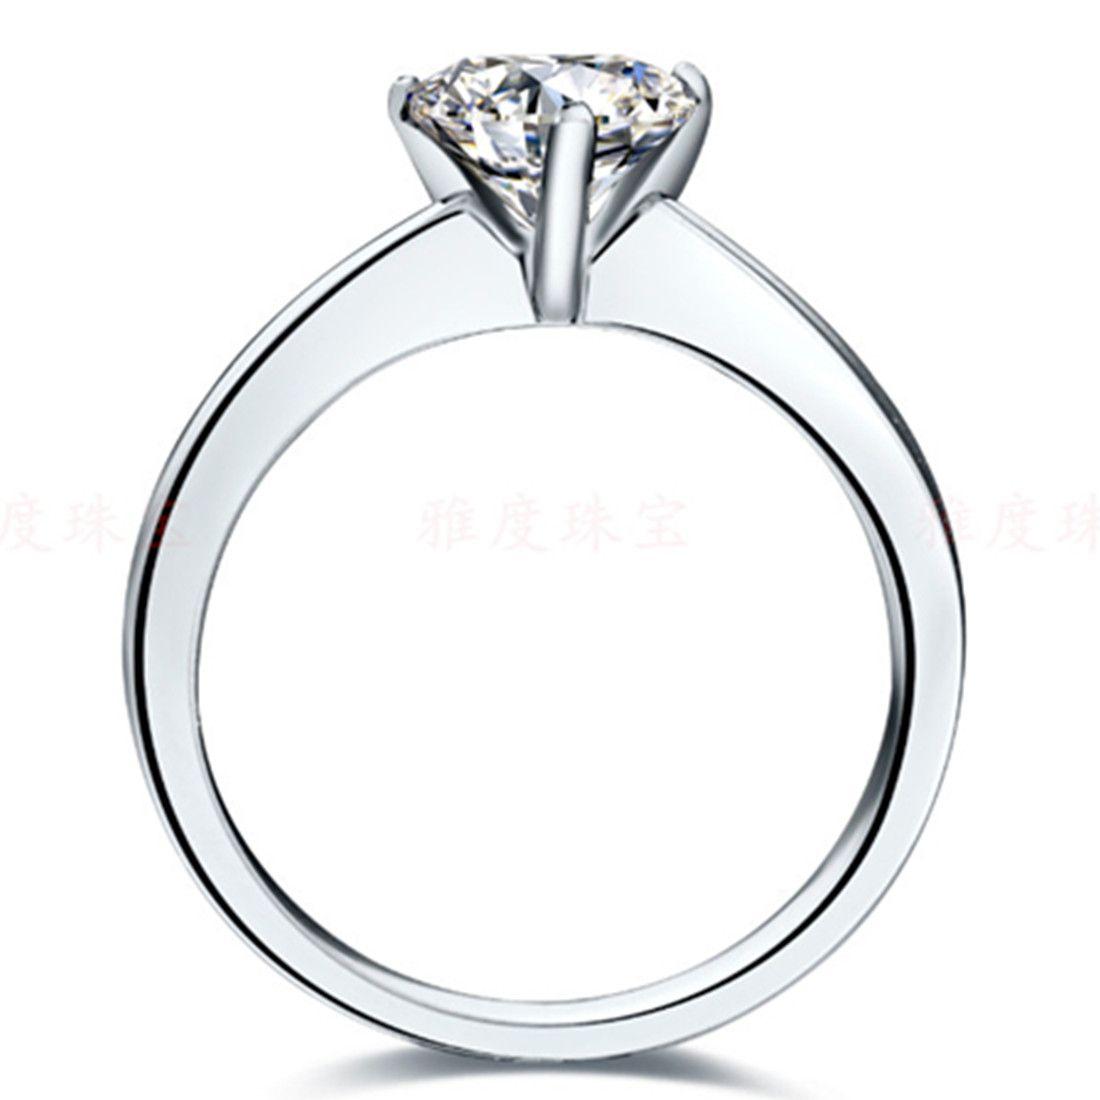 Increíble anillo de diamante sintético con forma de corazón 2CT Anillo de plata de ley maciza maciza acabado en oro blanco